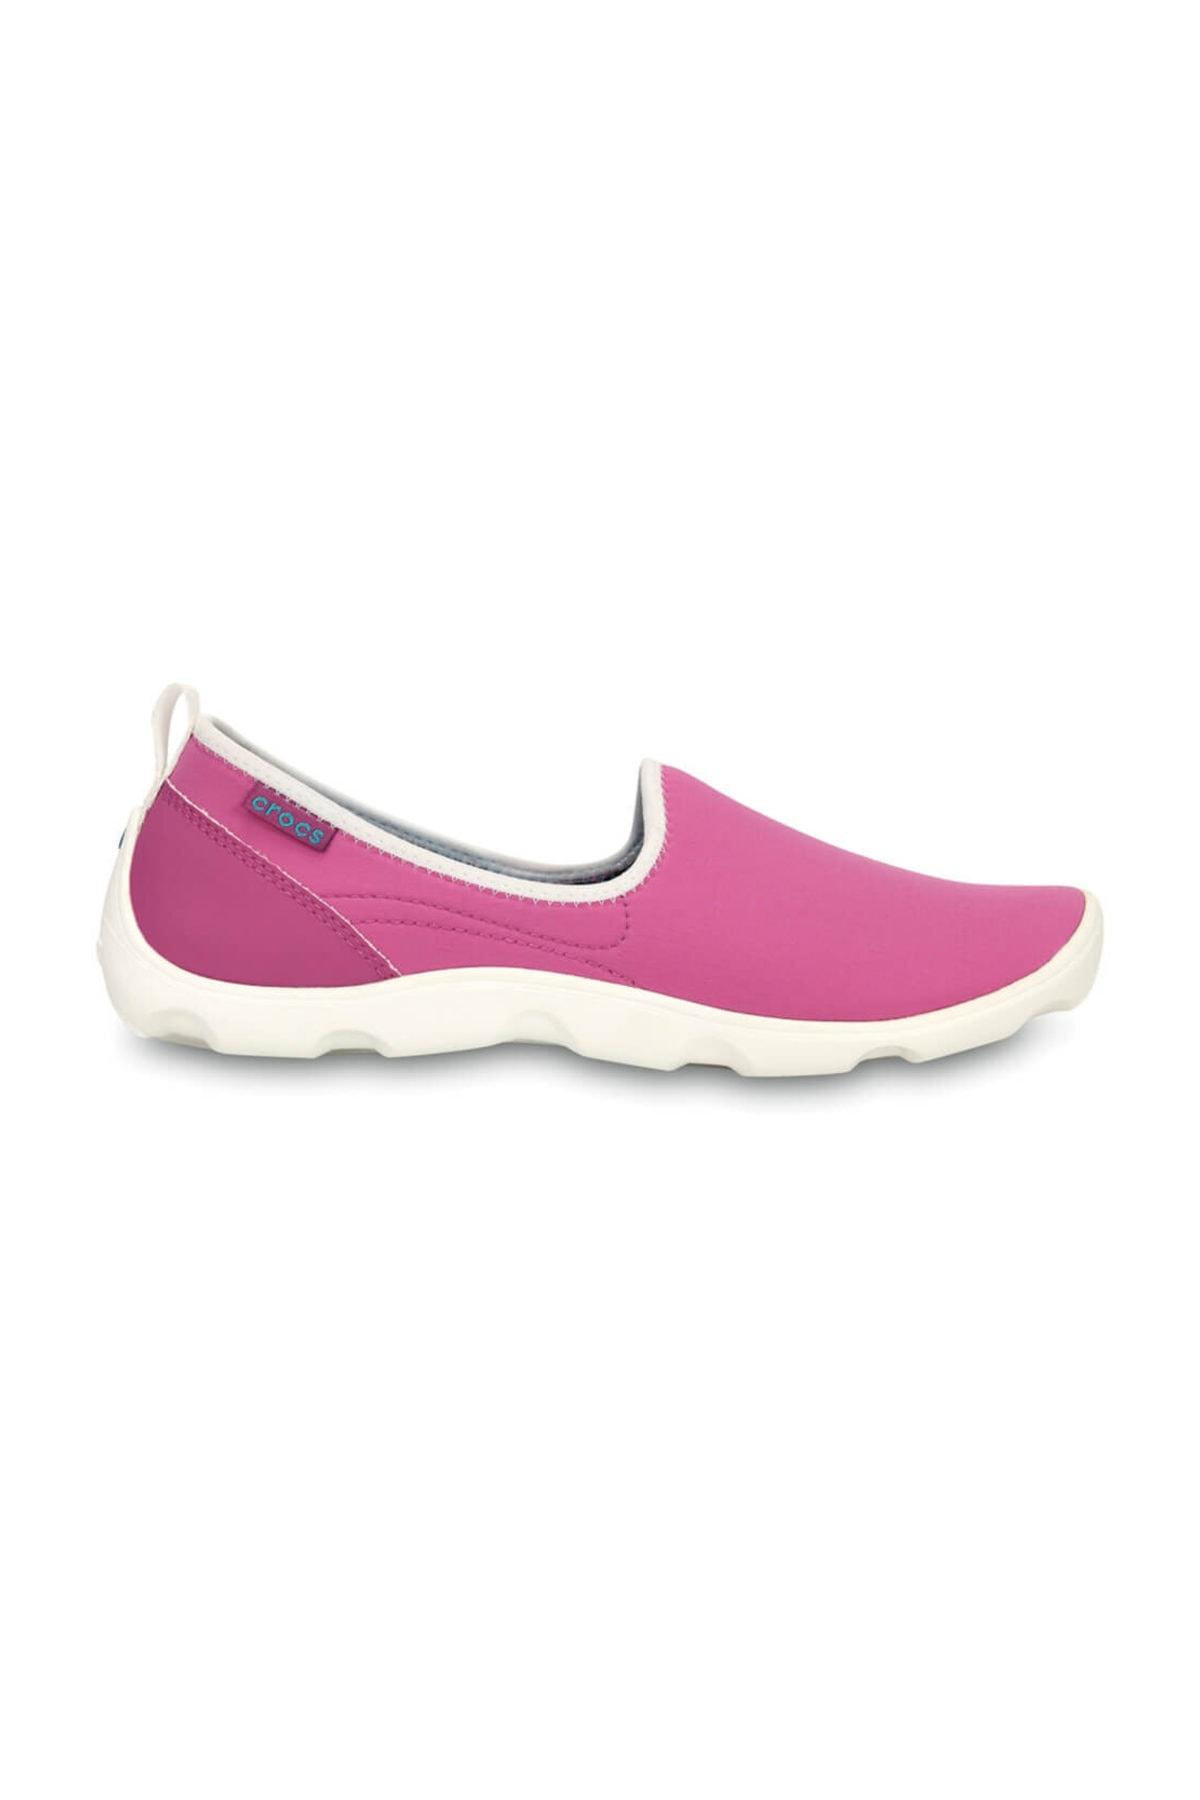 Crocs DUET BUSY DAY SKIMMER VIB Koyu Mor Kadın Sneaker Ayakkabı 100528956 2